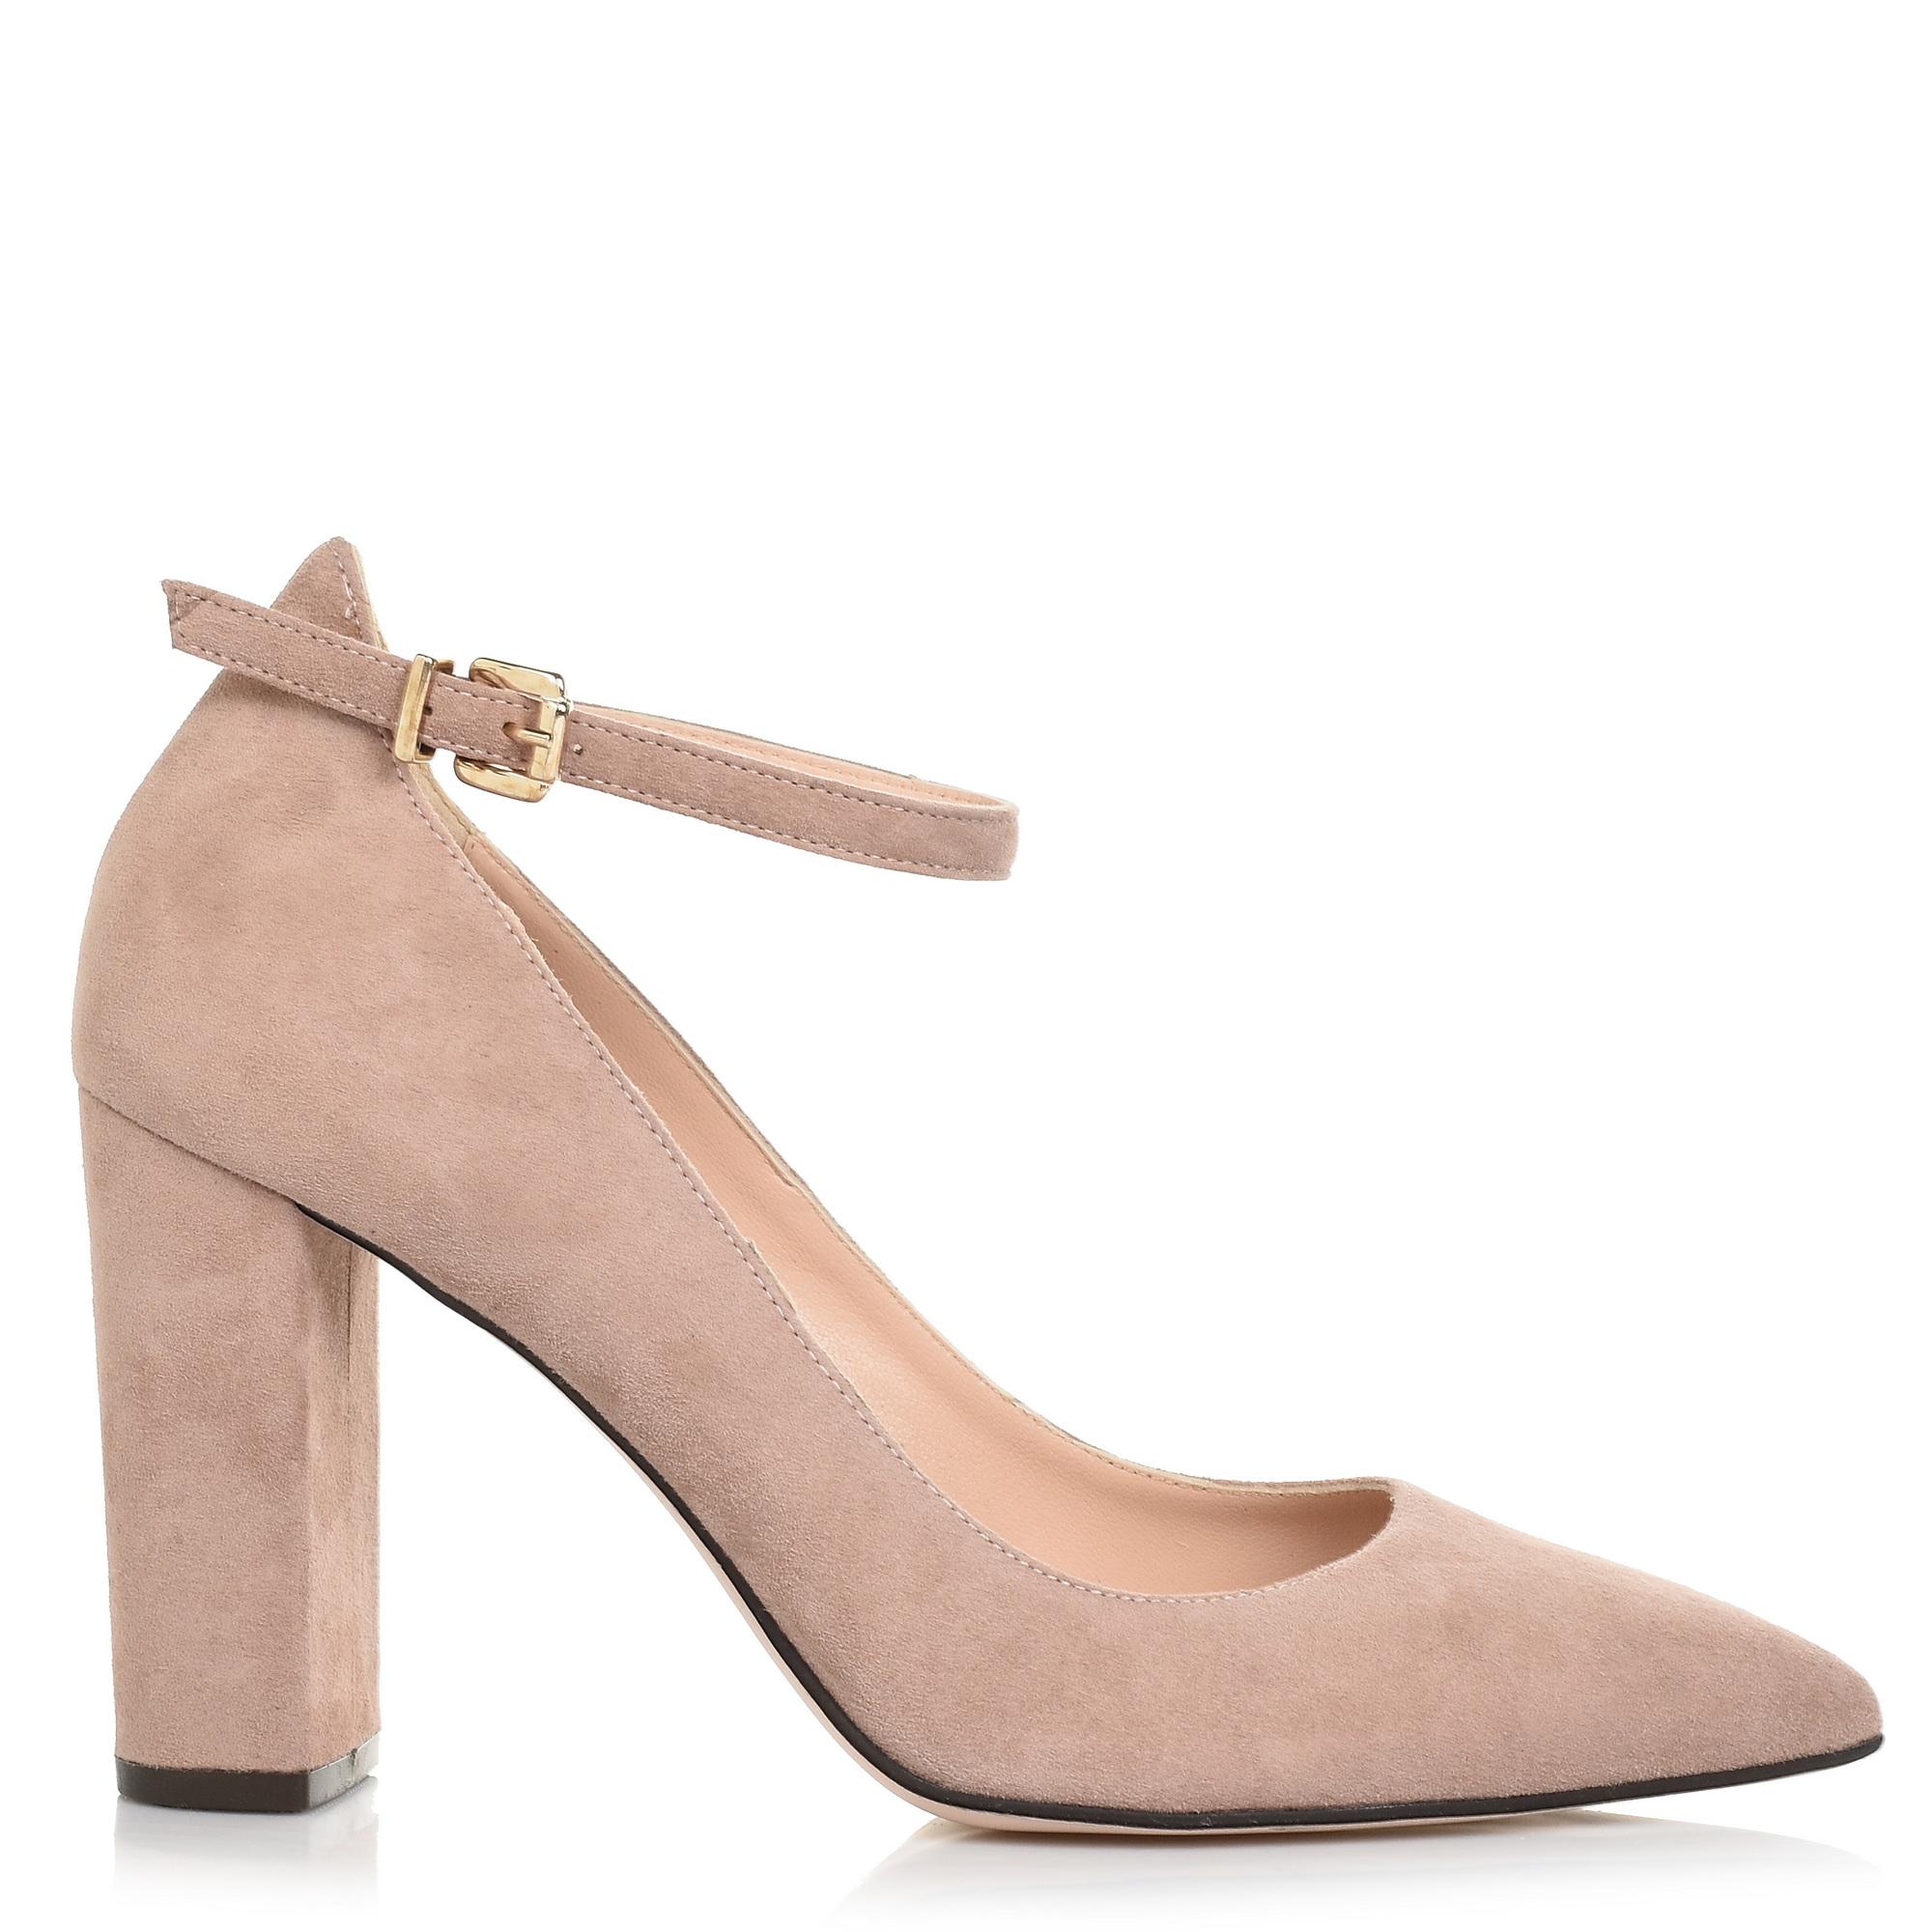 Suede Δερμάτινες Γόβες με Μπαρέτα Μourtzi 053K11 γυναικα   γυναικείο παπούτσι